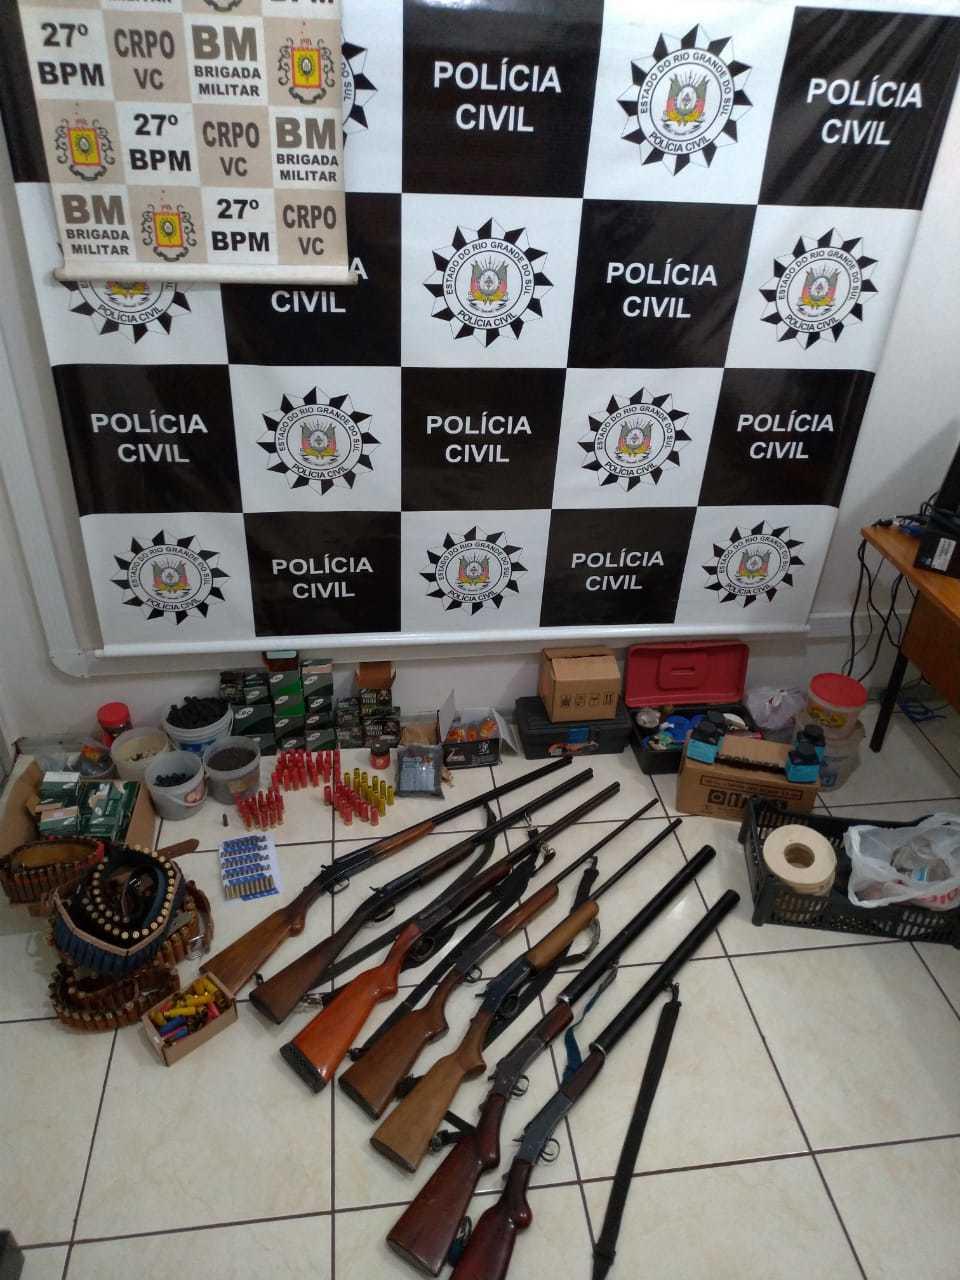 Policia de SJH realiza prisão em Capela do Rosário